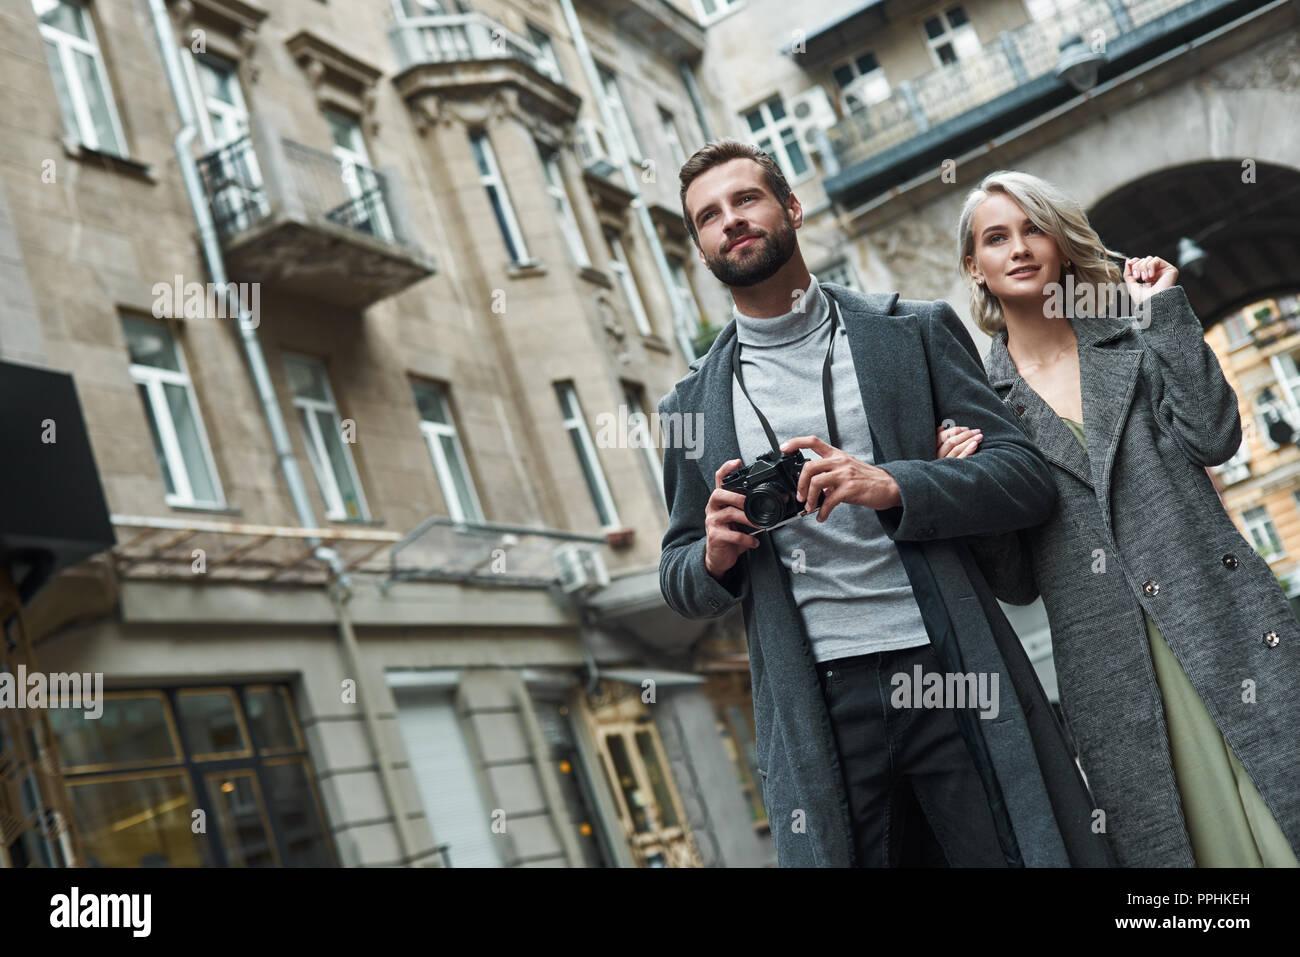 Romantisches date im Freien. Junges Paar zu Fuß auf der Straße die Bilder auf der Kamera Lächeln aufgeregt Stockbild